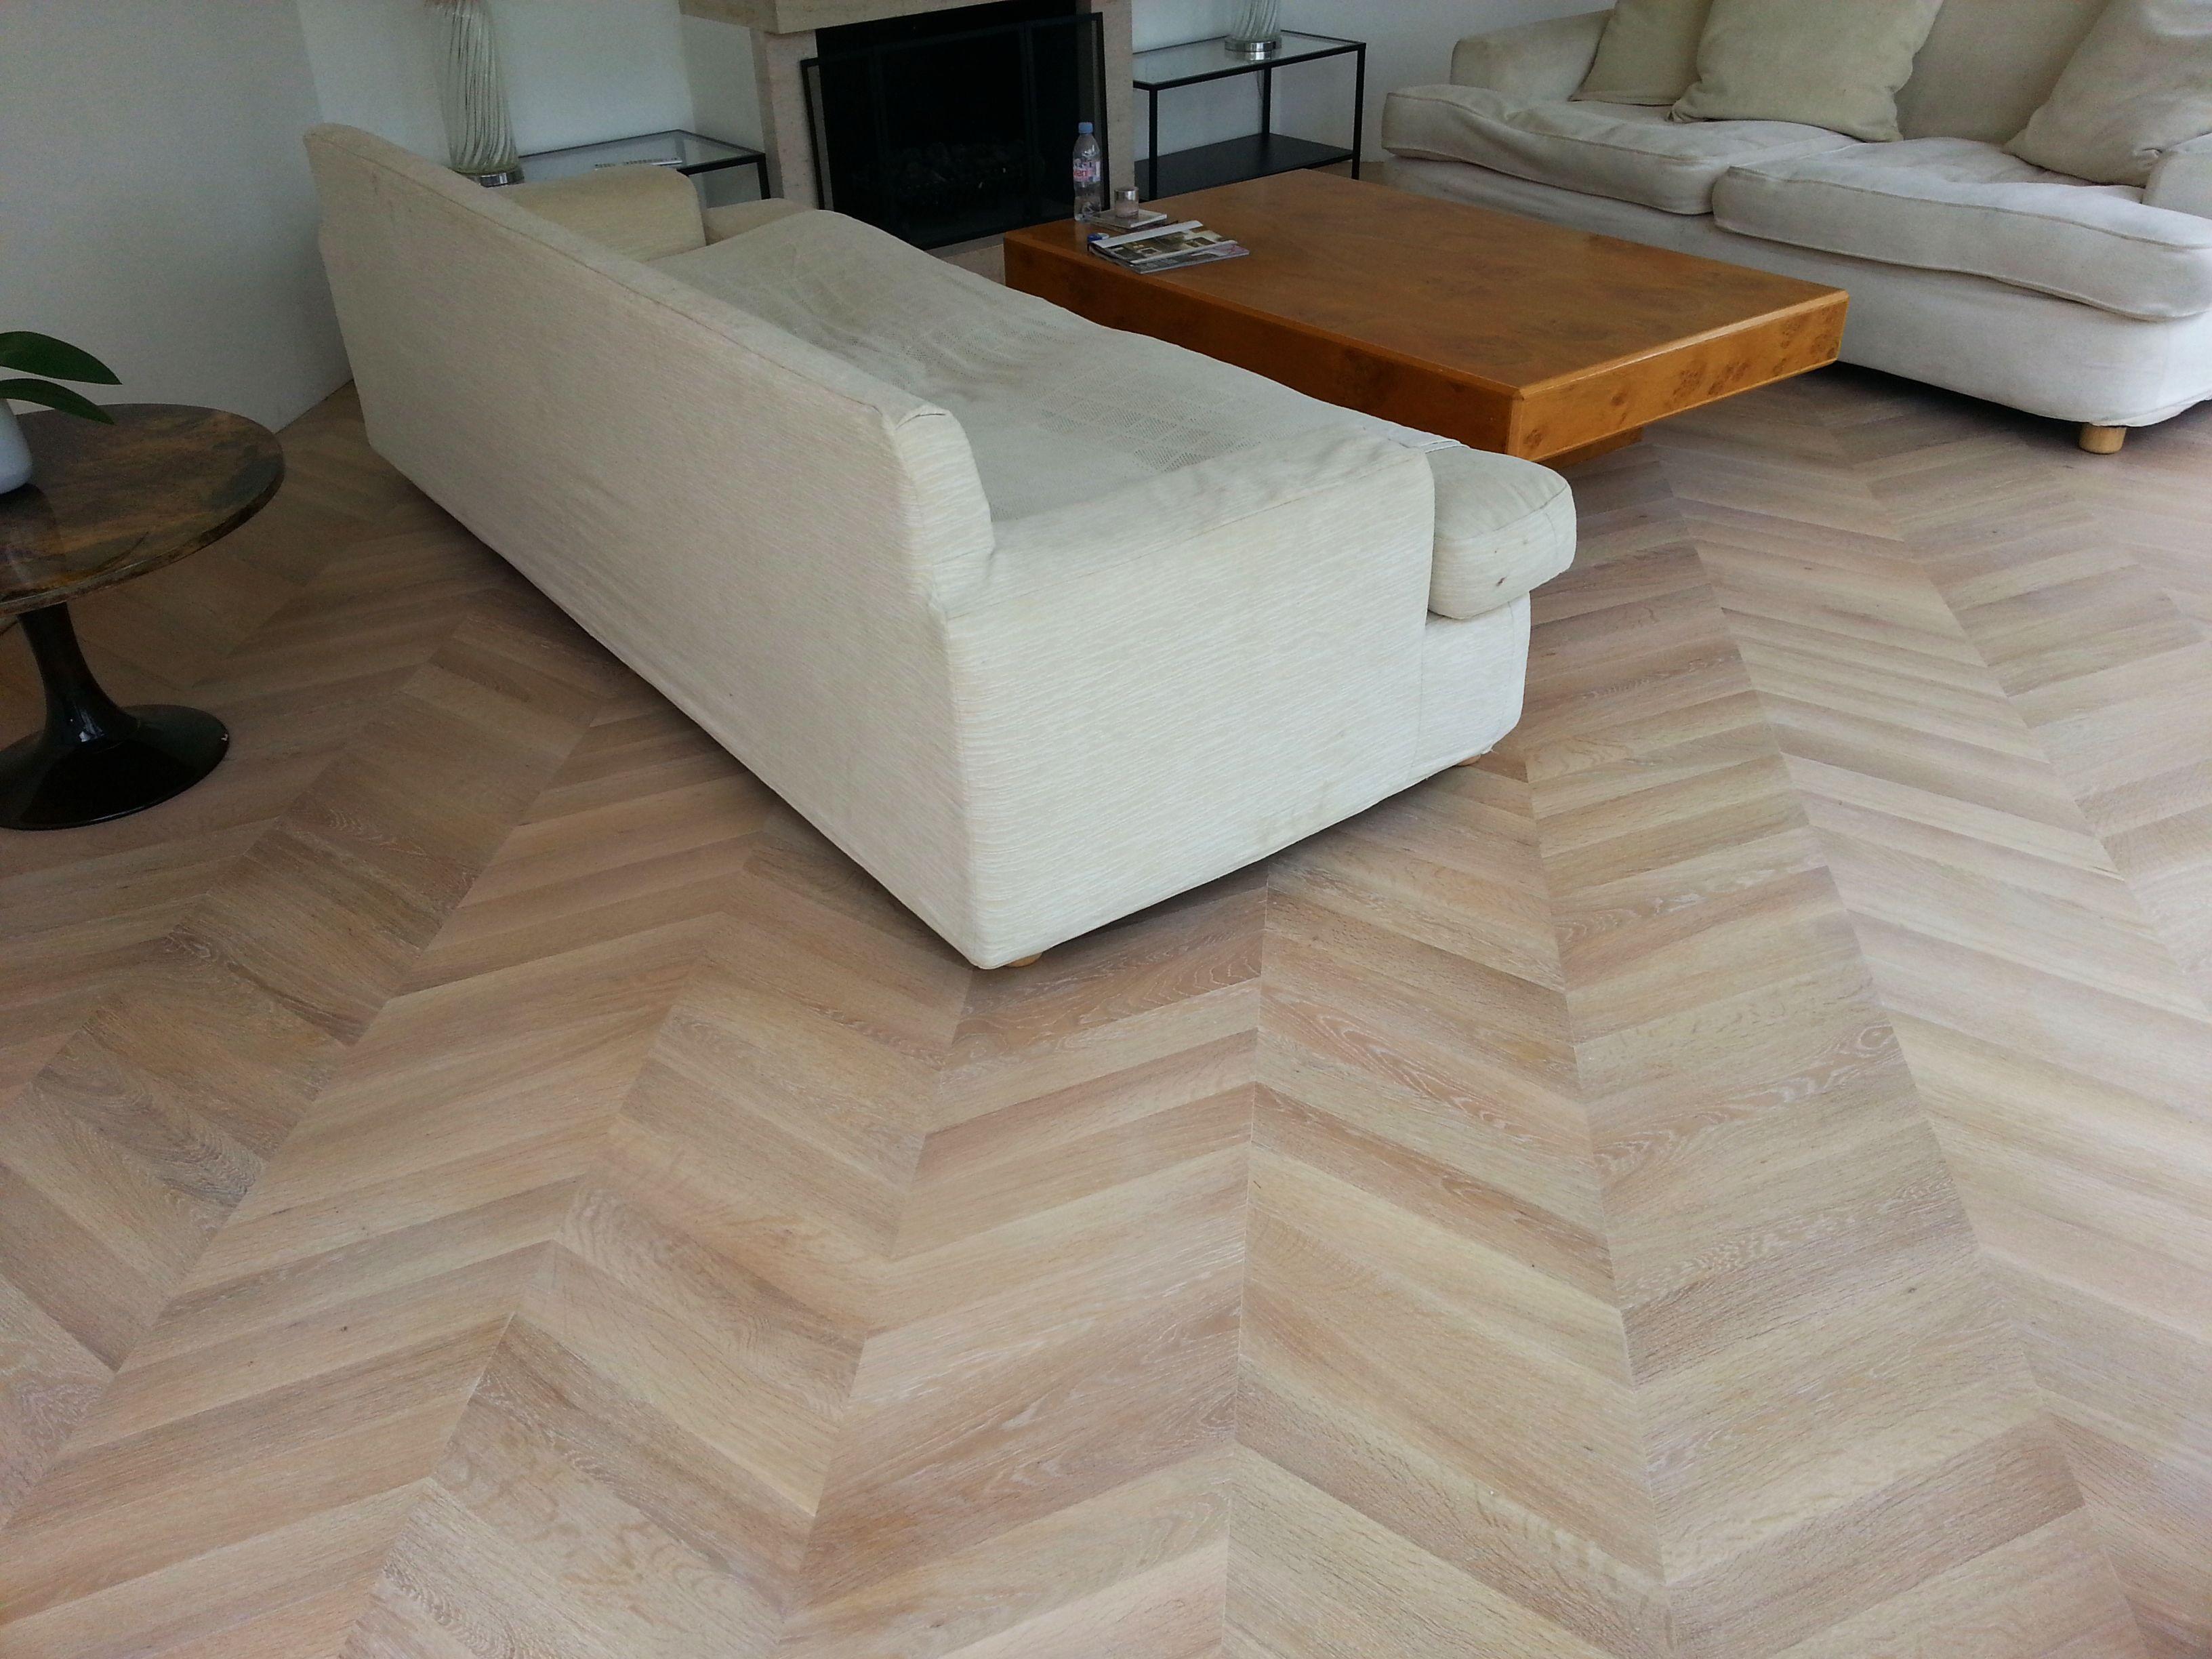 medallion hardwood flooring company of luxury wood flooring ltd luxurywoodfloor on pinterest inside 5e43181e611eb4cdecda4c2b29944f30